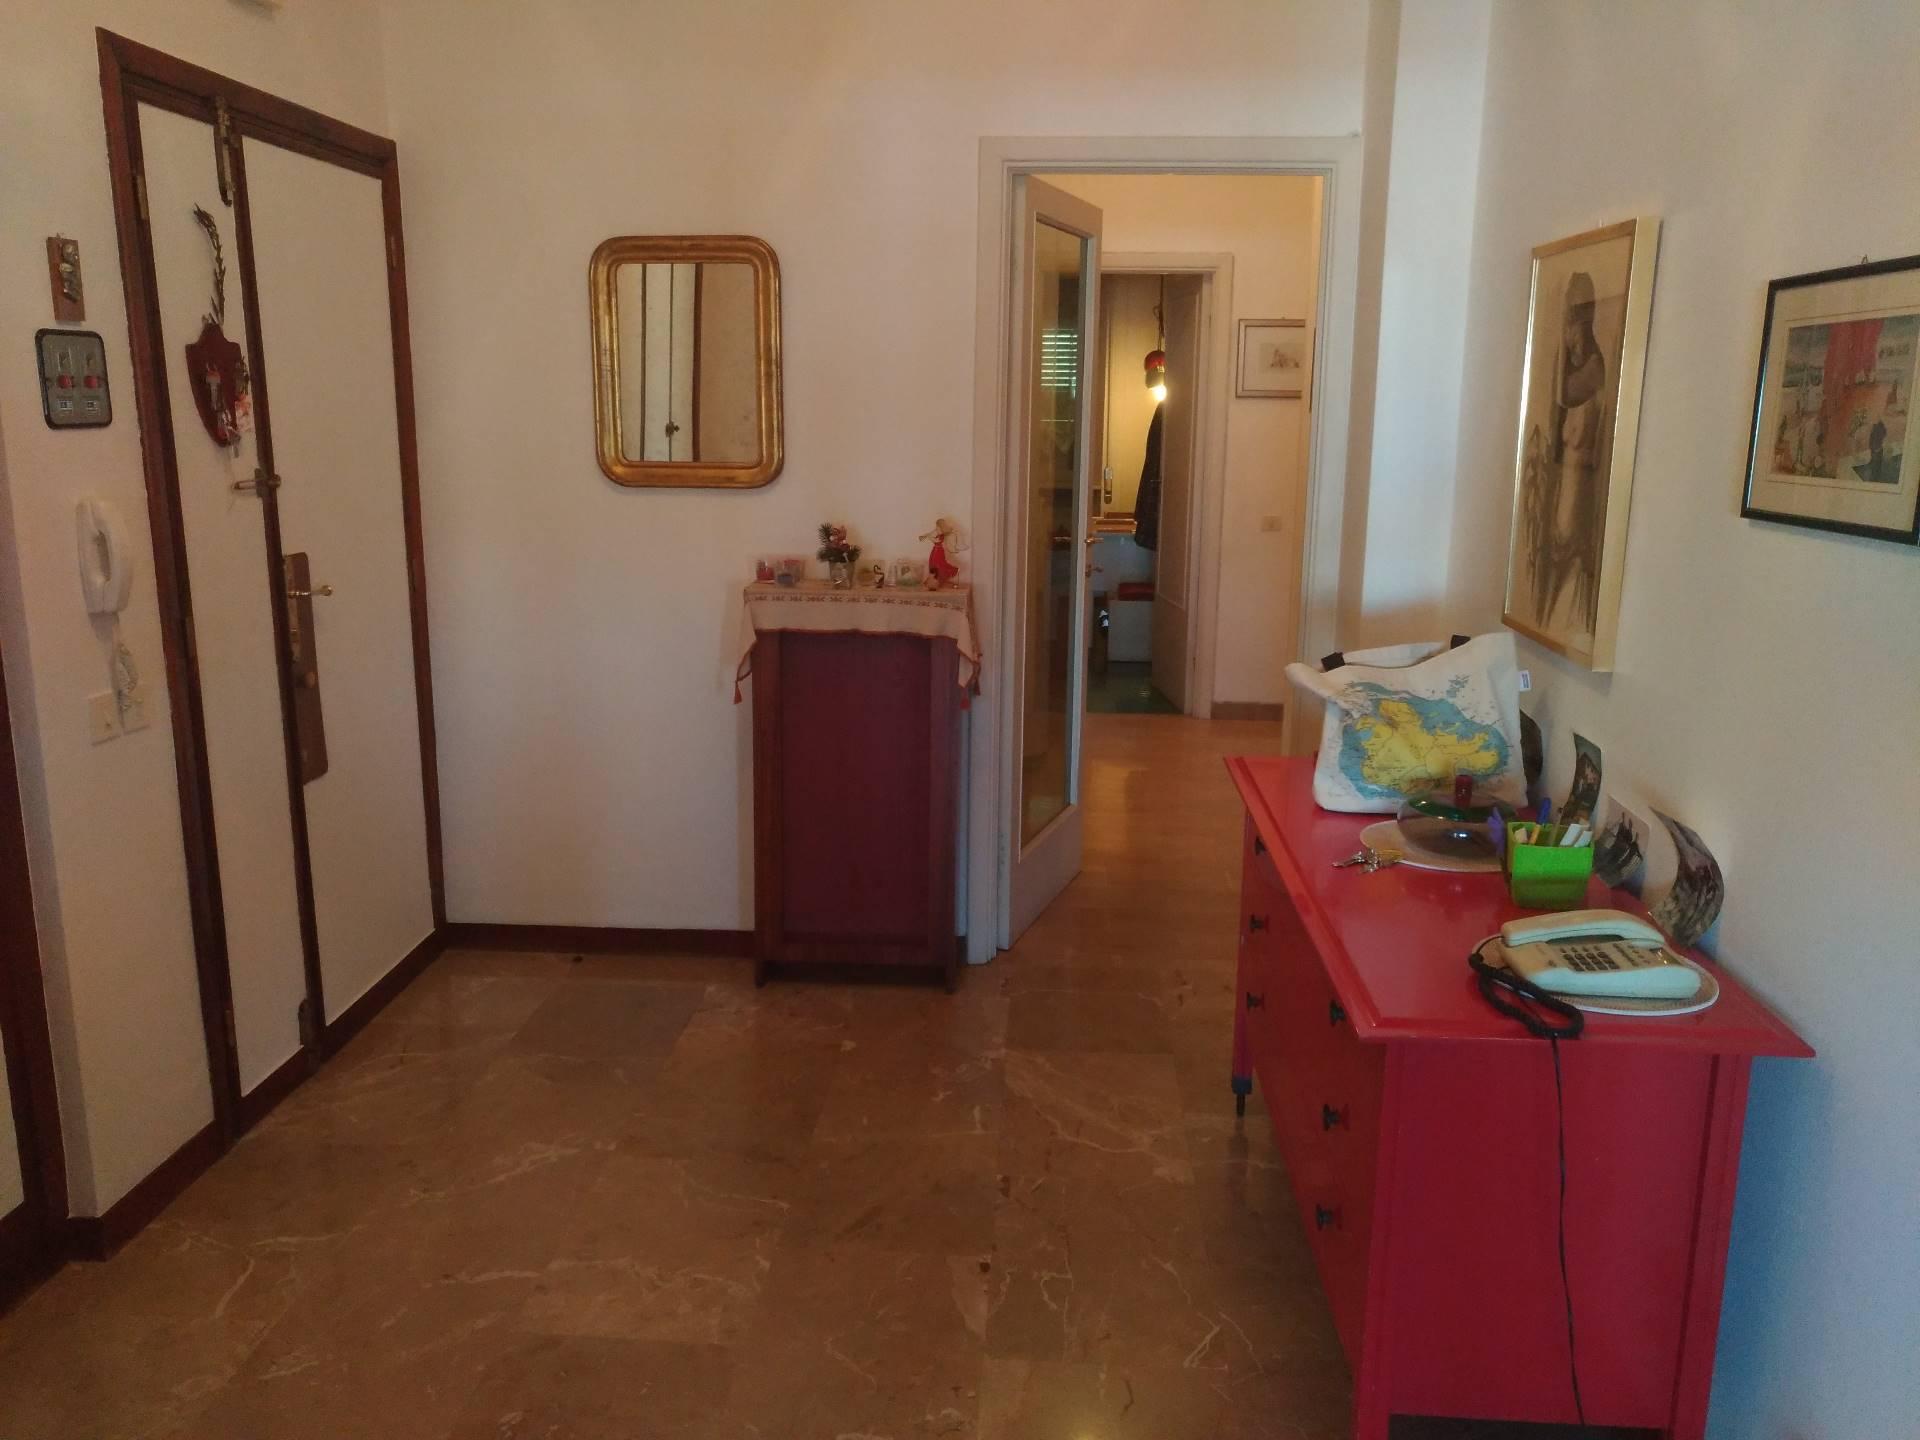 Appartamento in affitto a Ancona, 6 locali, zona Località: Q.Adriatico, prezzo € 920 | Cambio Casa.it